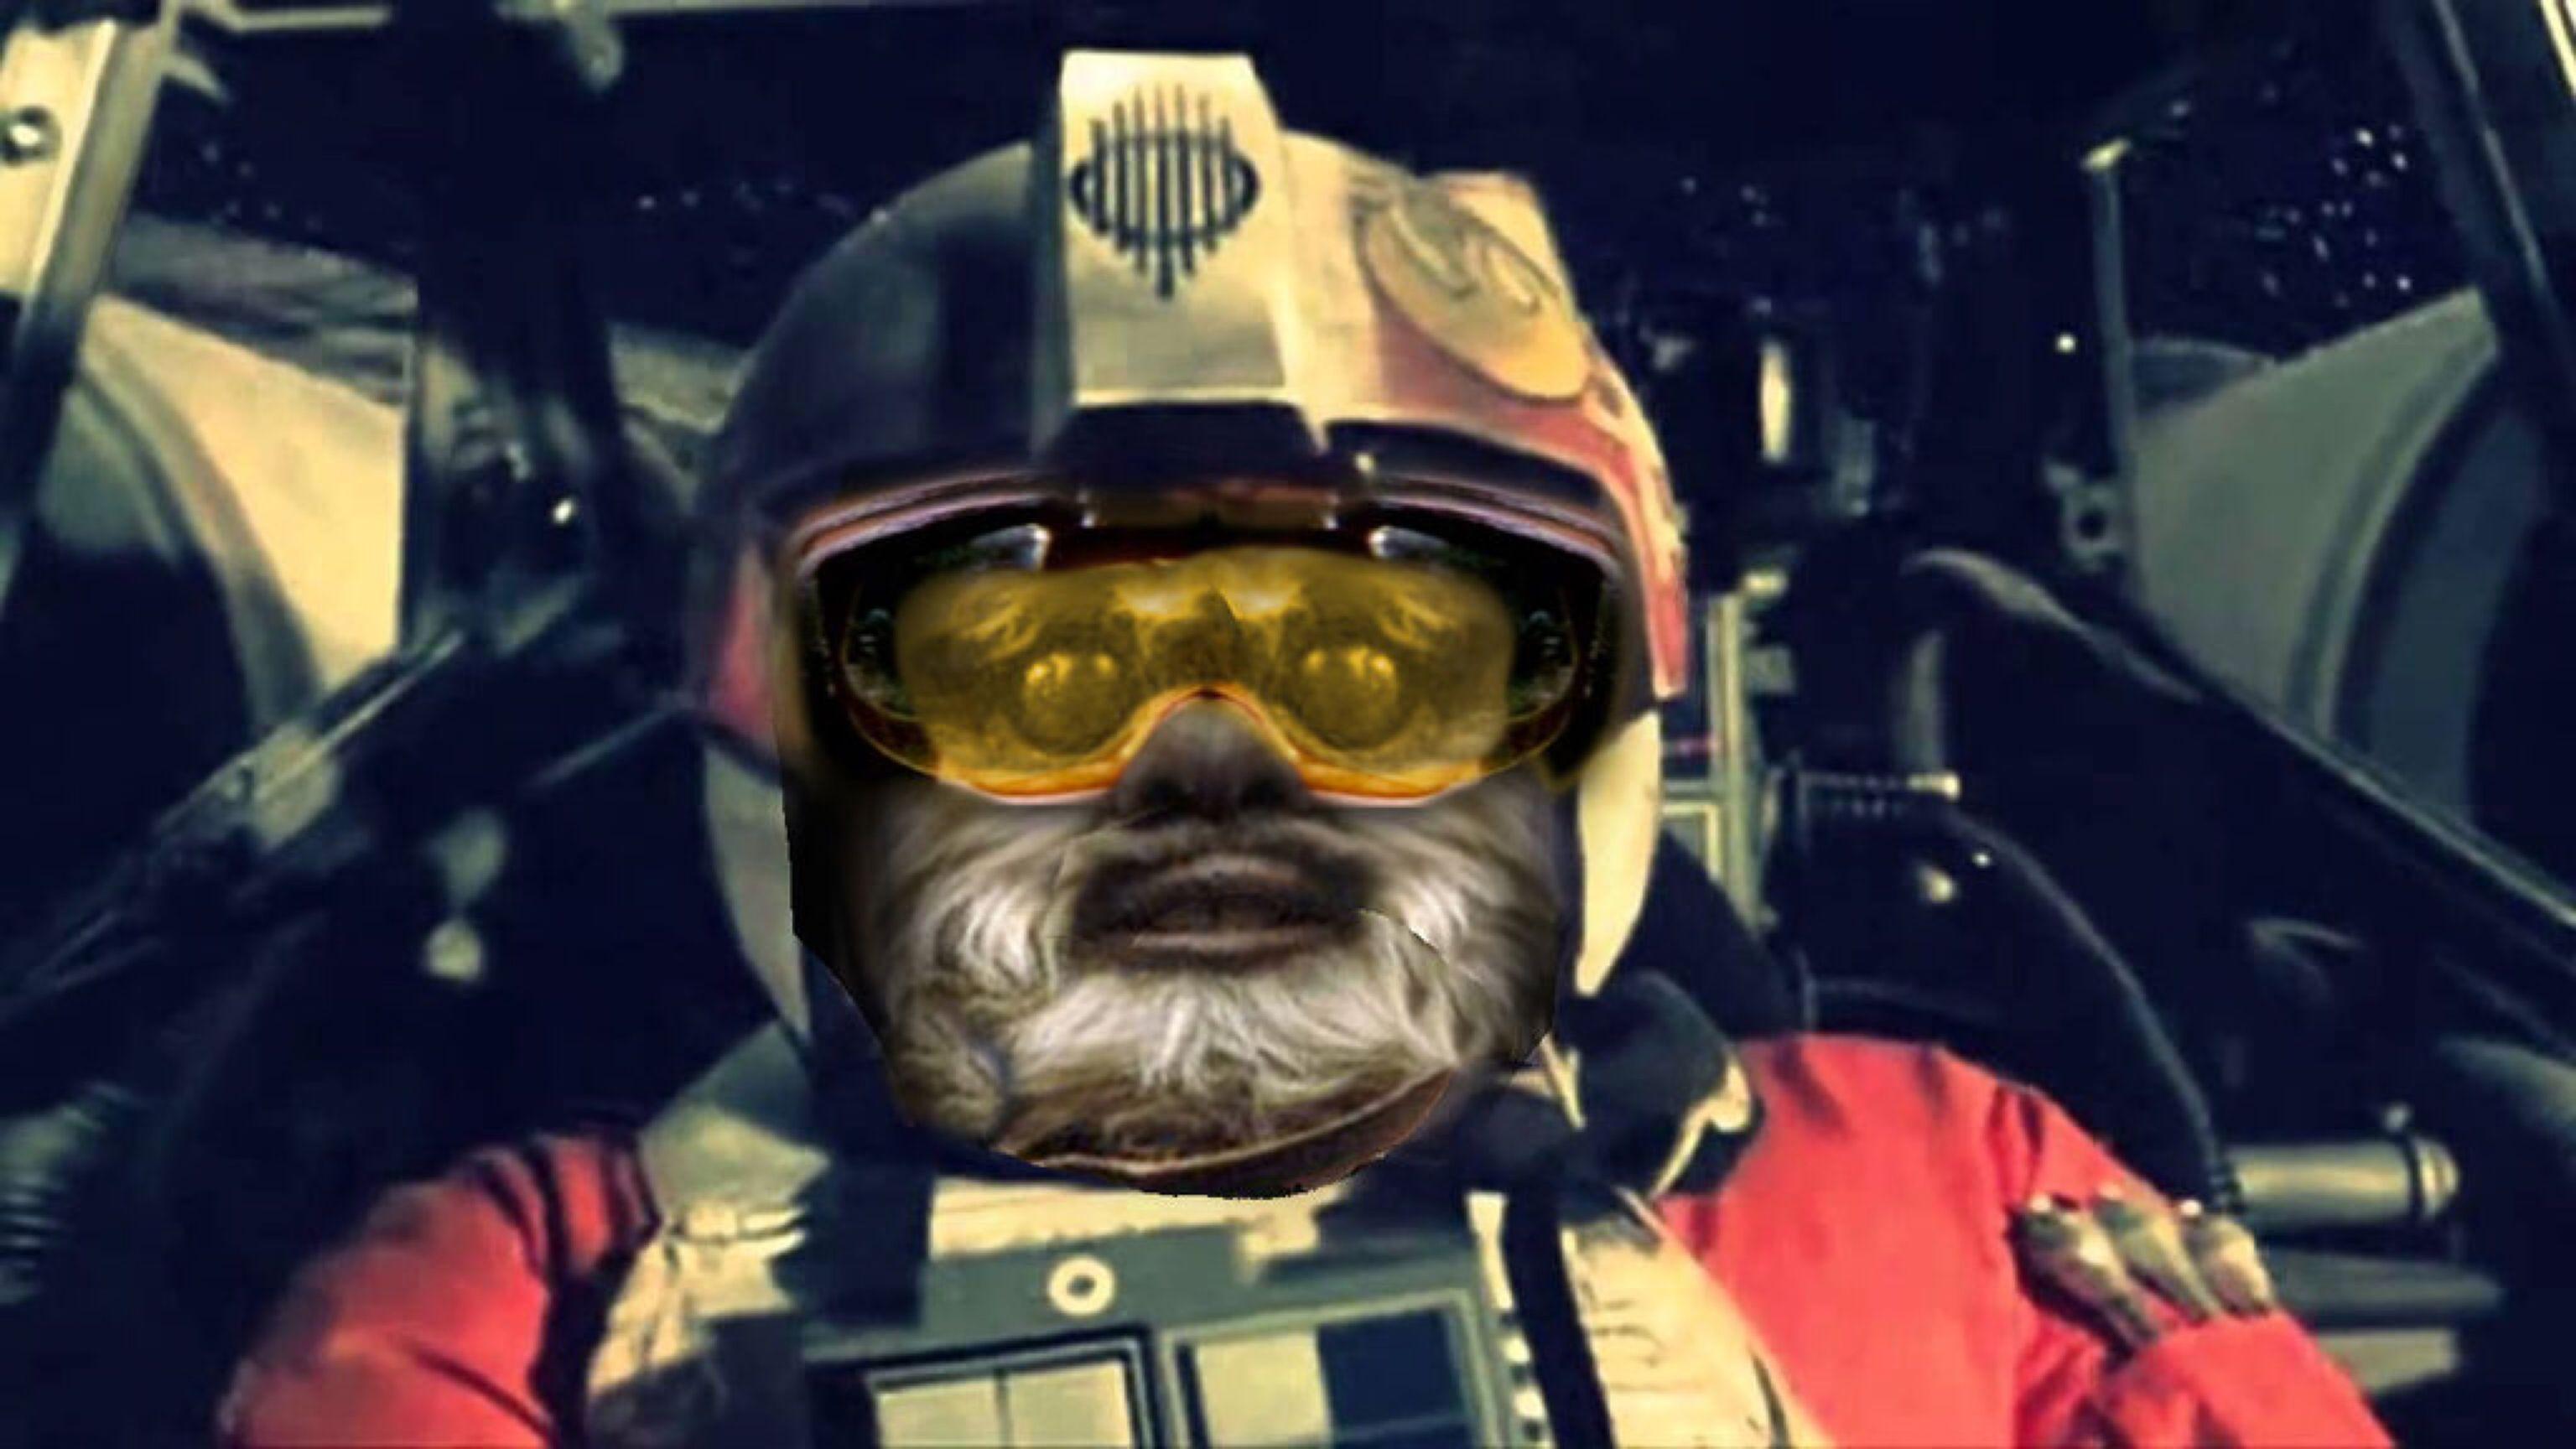 Ewok X Wing Pilot By Brandtk On Deviantart Ewok Star Wars Art Pilot